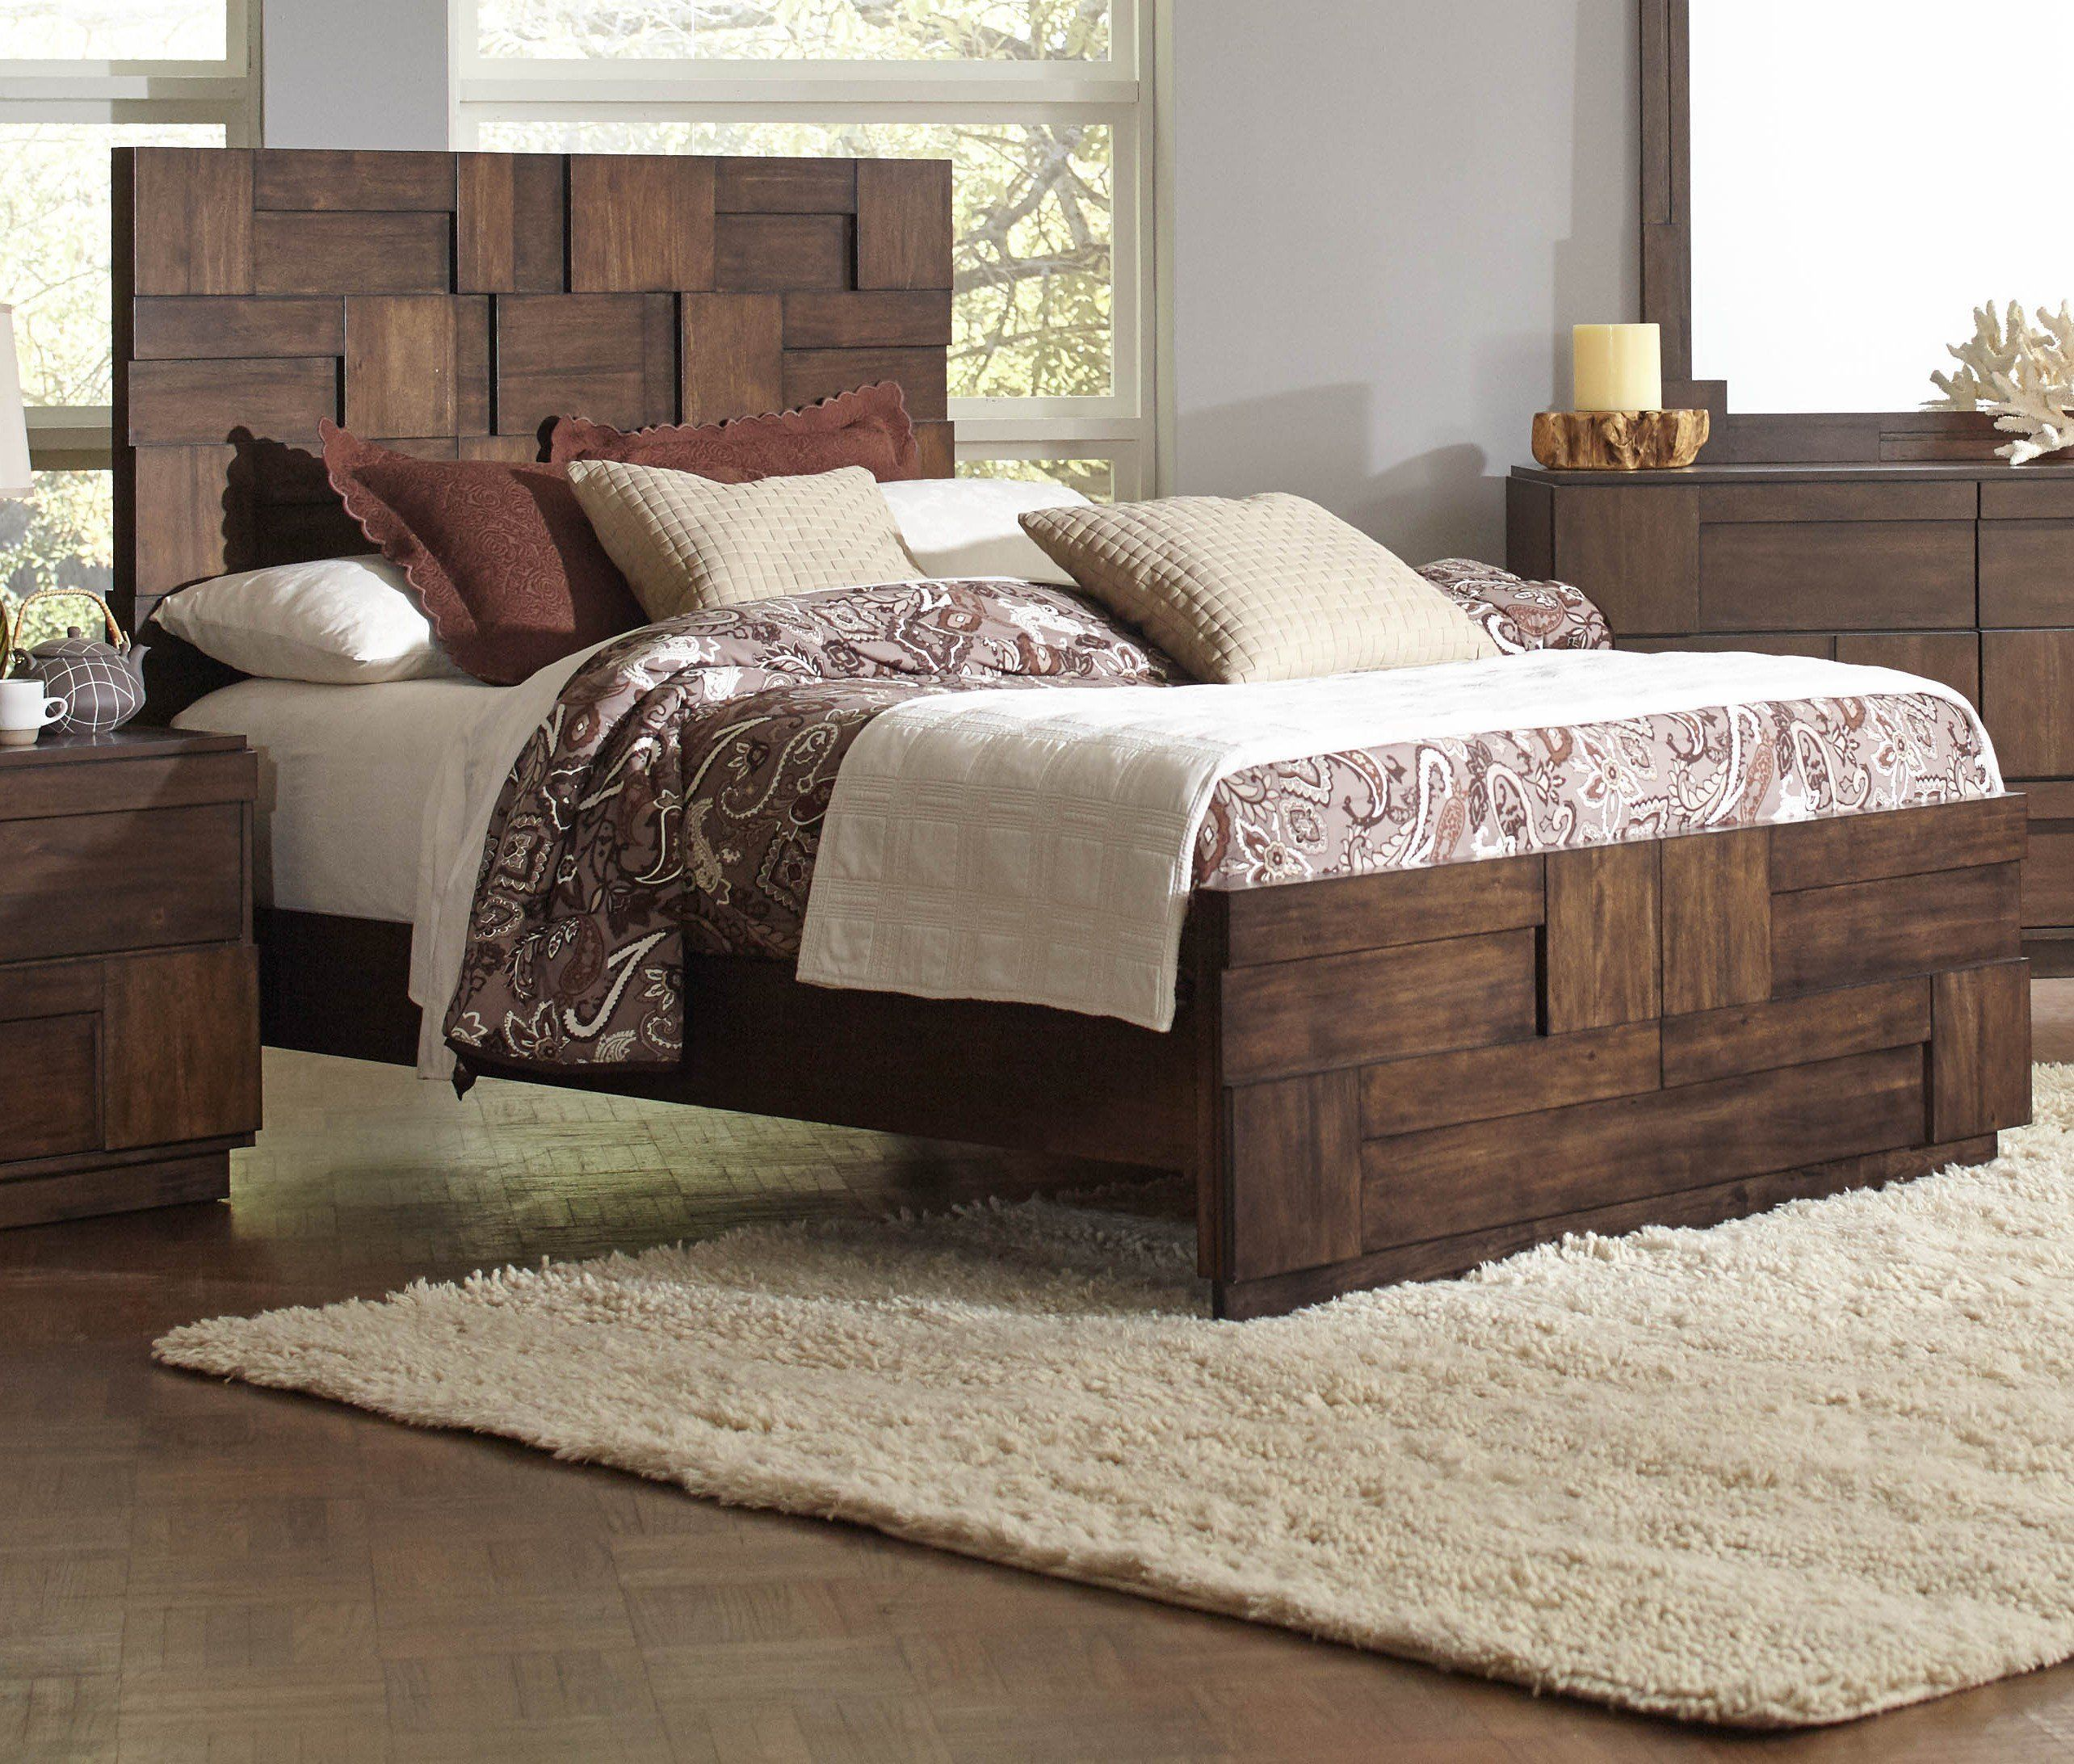 Gallagher Golden Brown Queen Bed | kids bedroom ideas | Pinterest